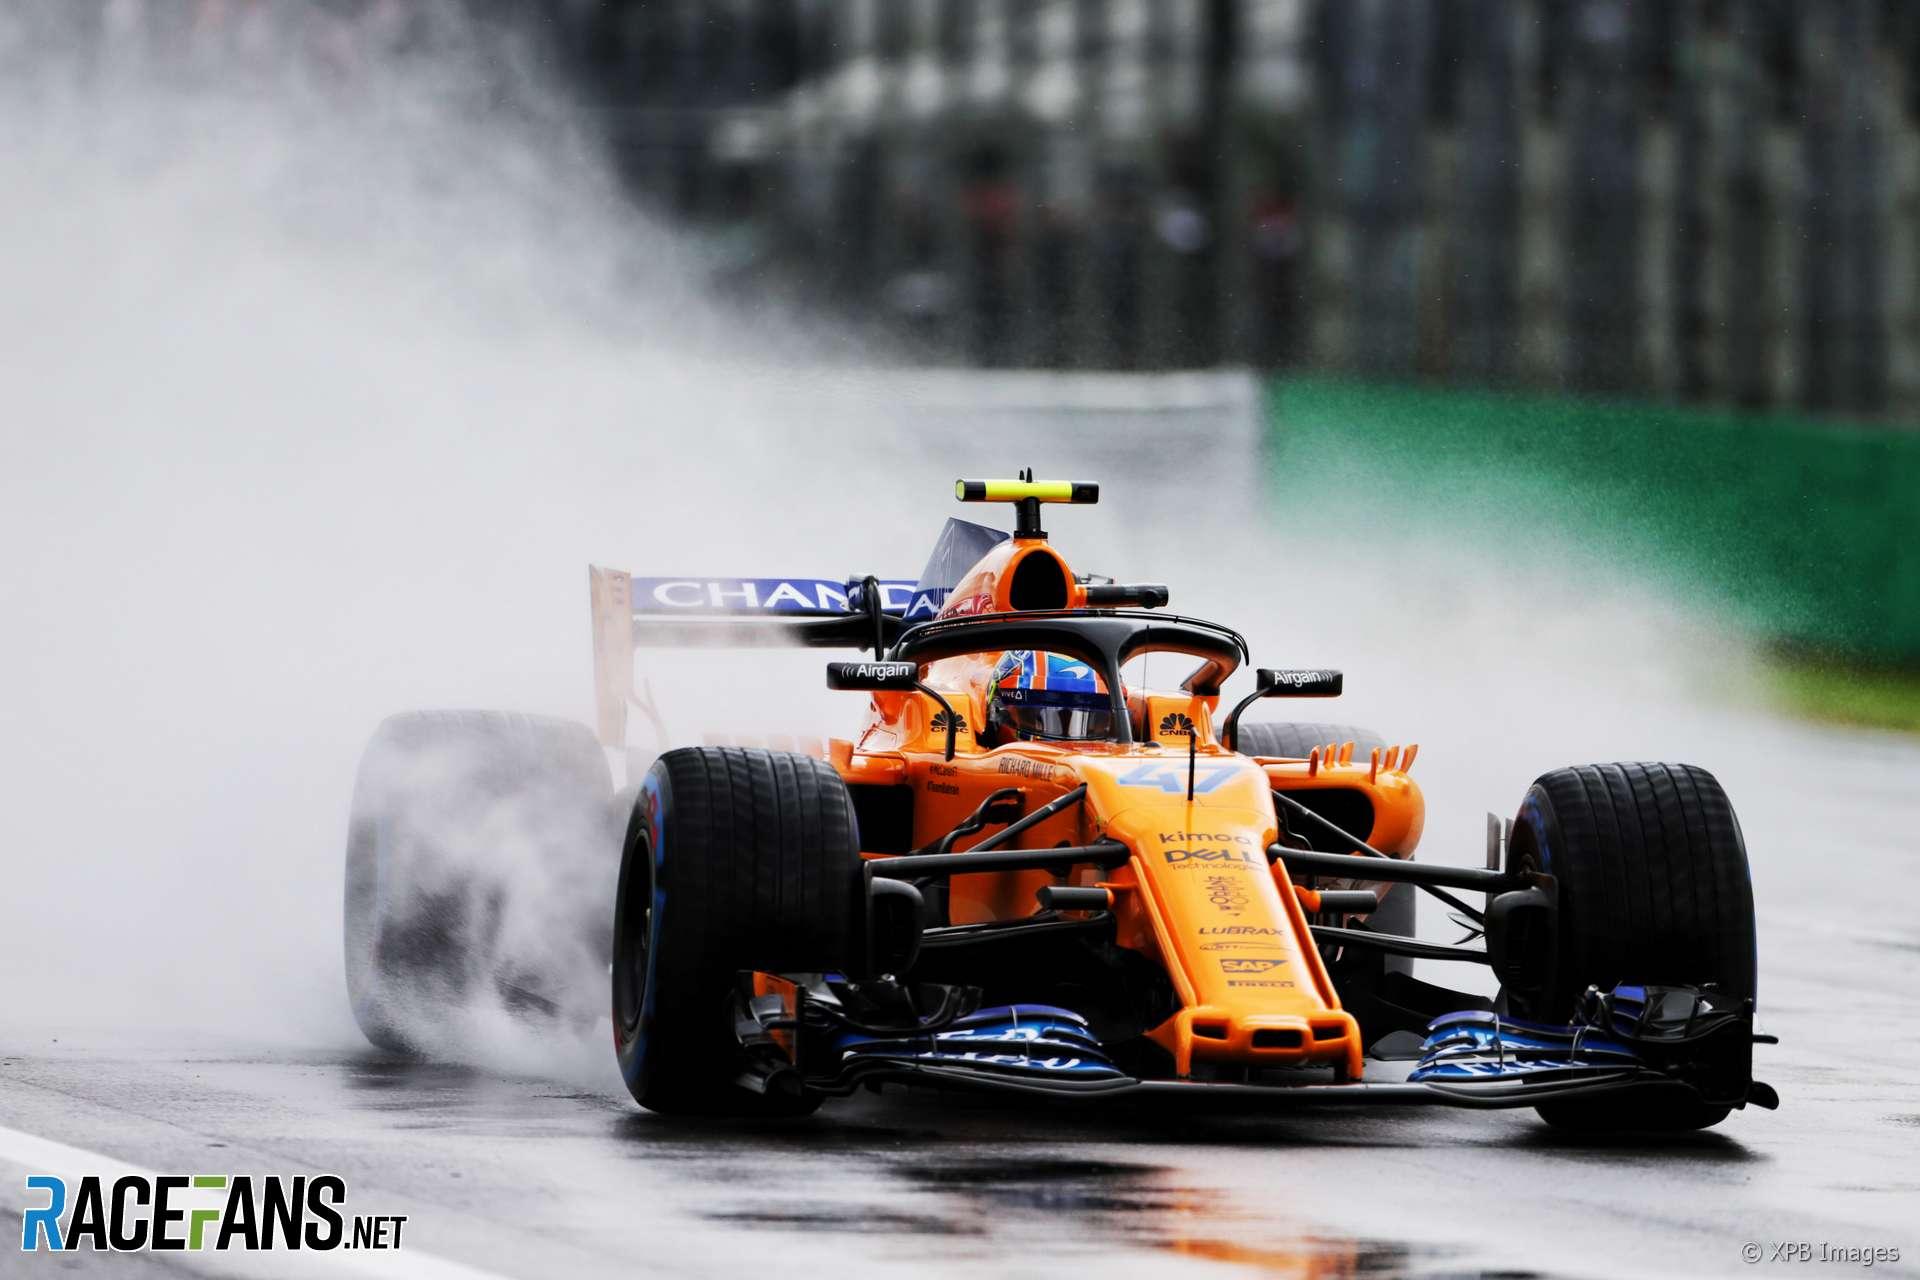 Lando Norris, McLaren, Monza, 2018